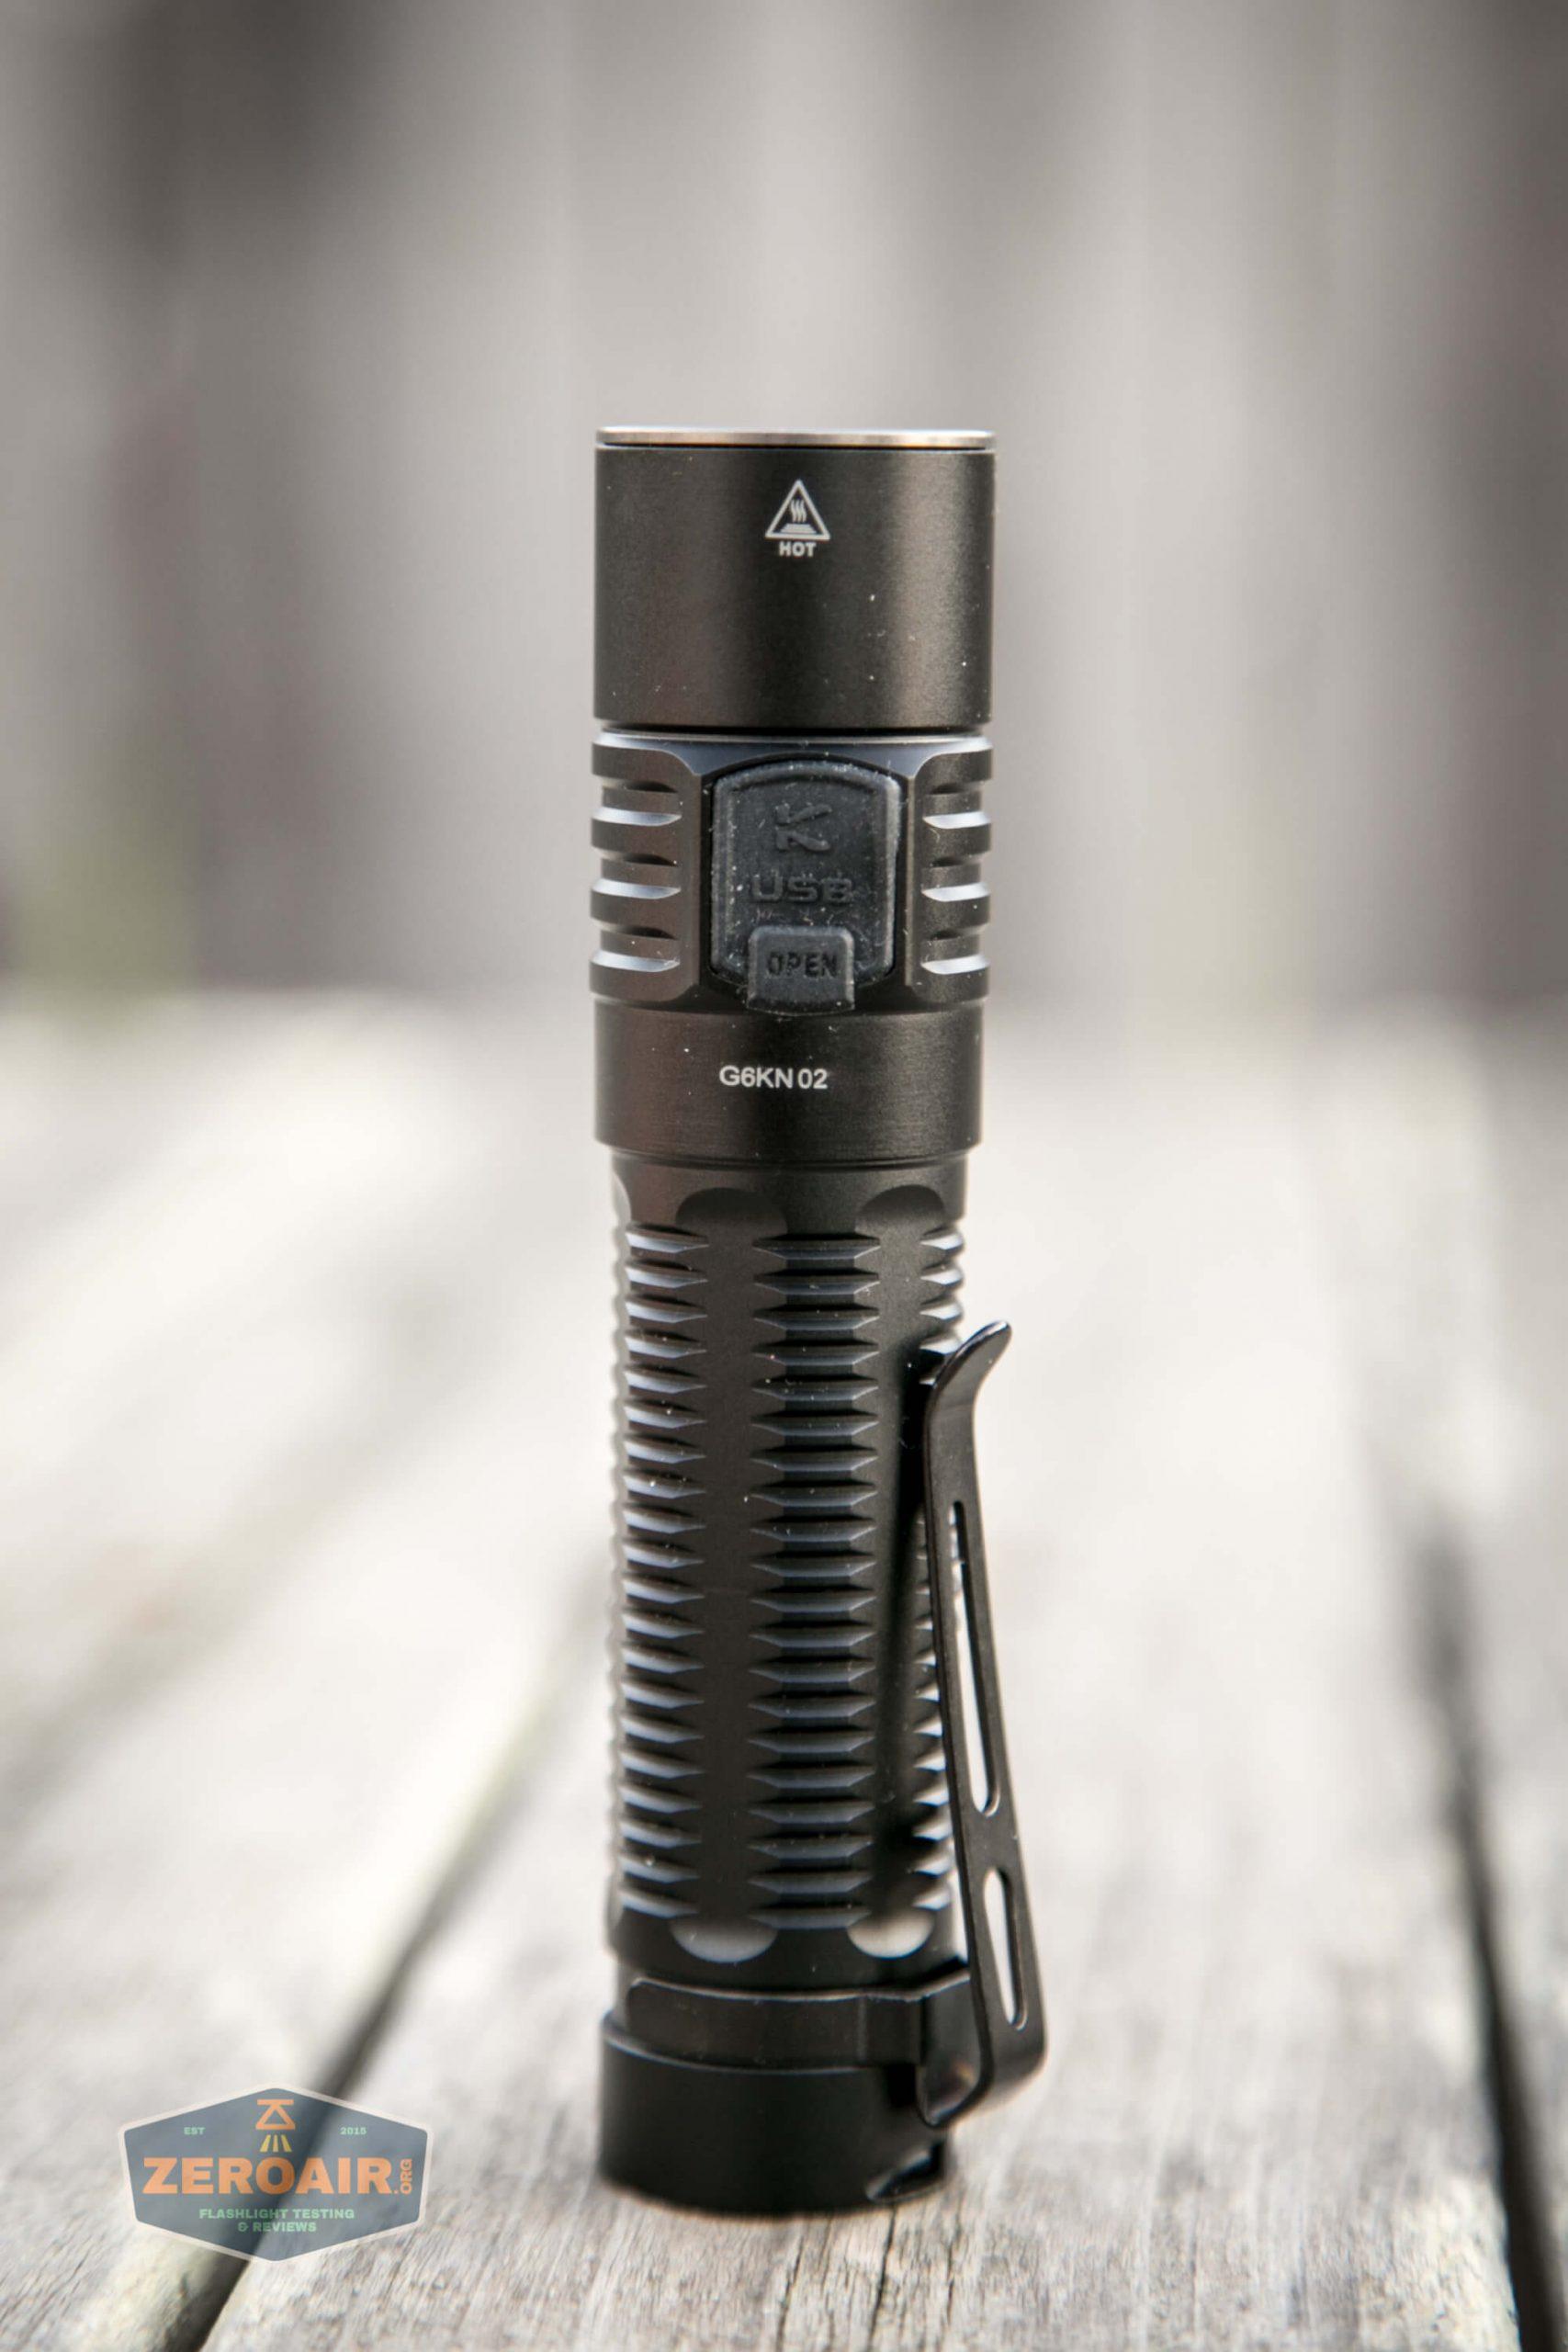 klarus g25 21700 cree xhp70.2 flashlight quarter shot